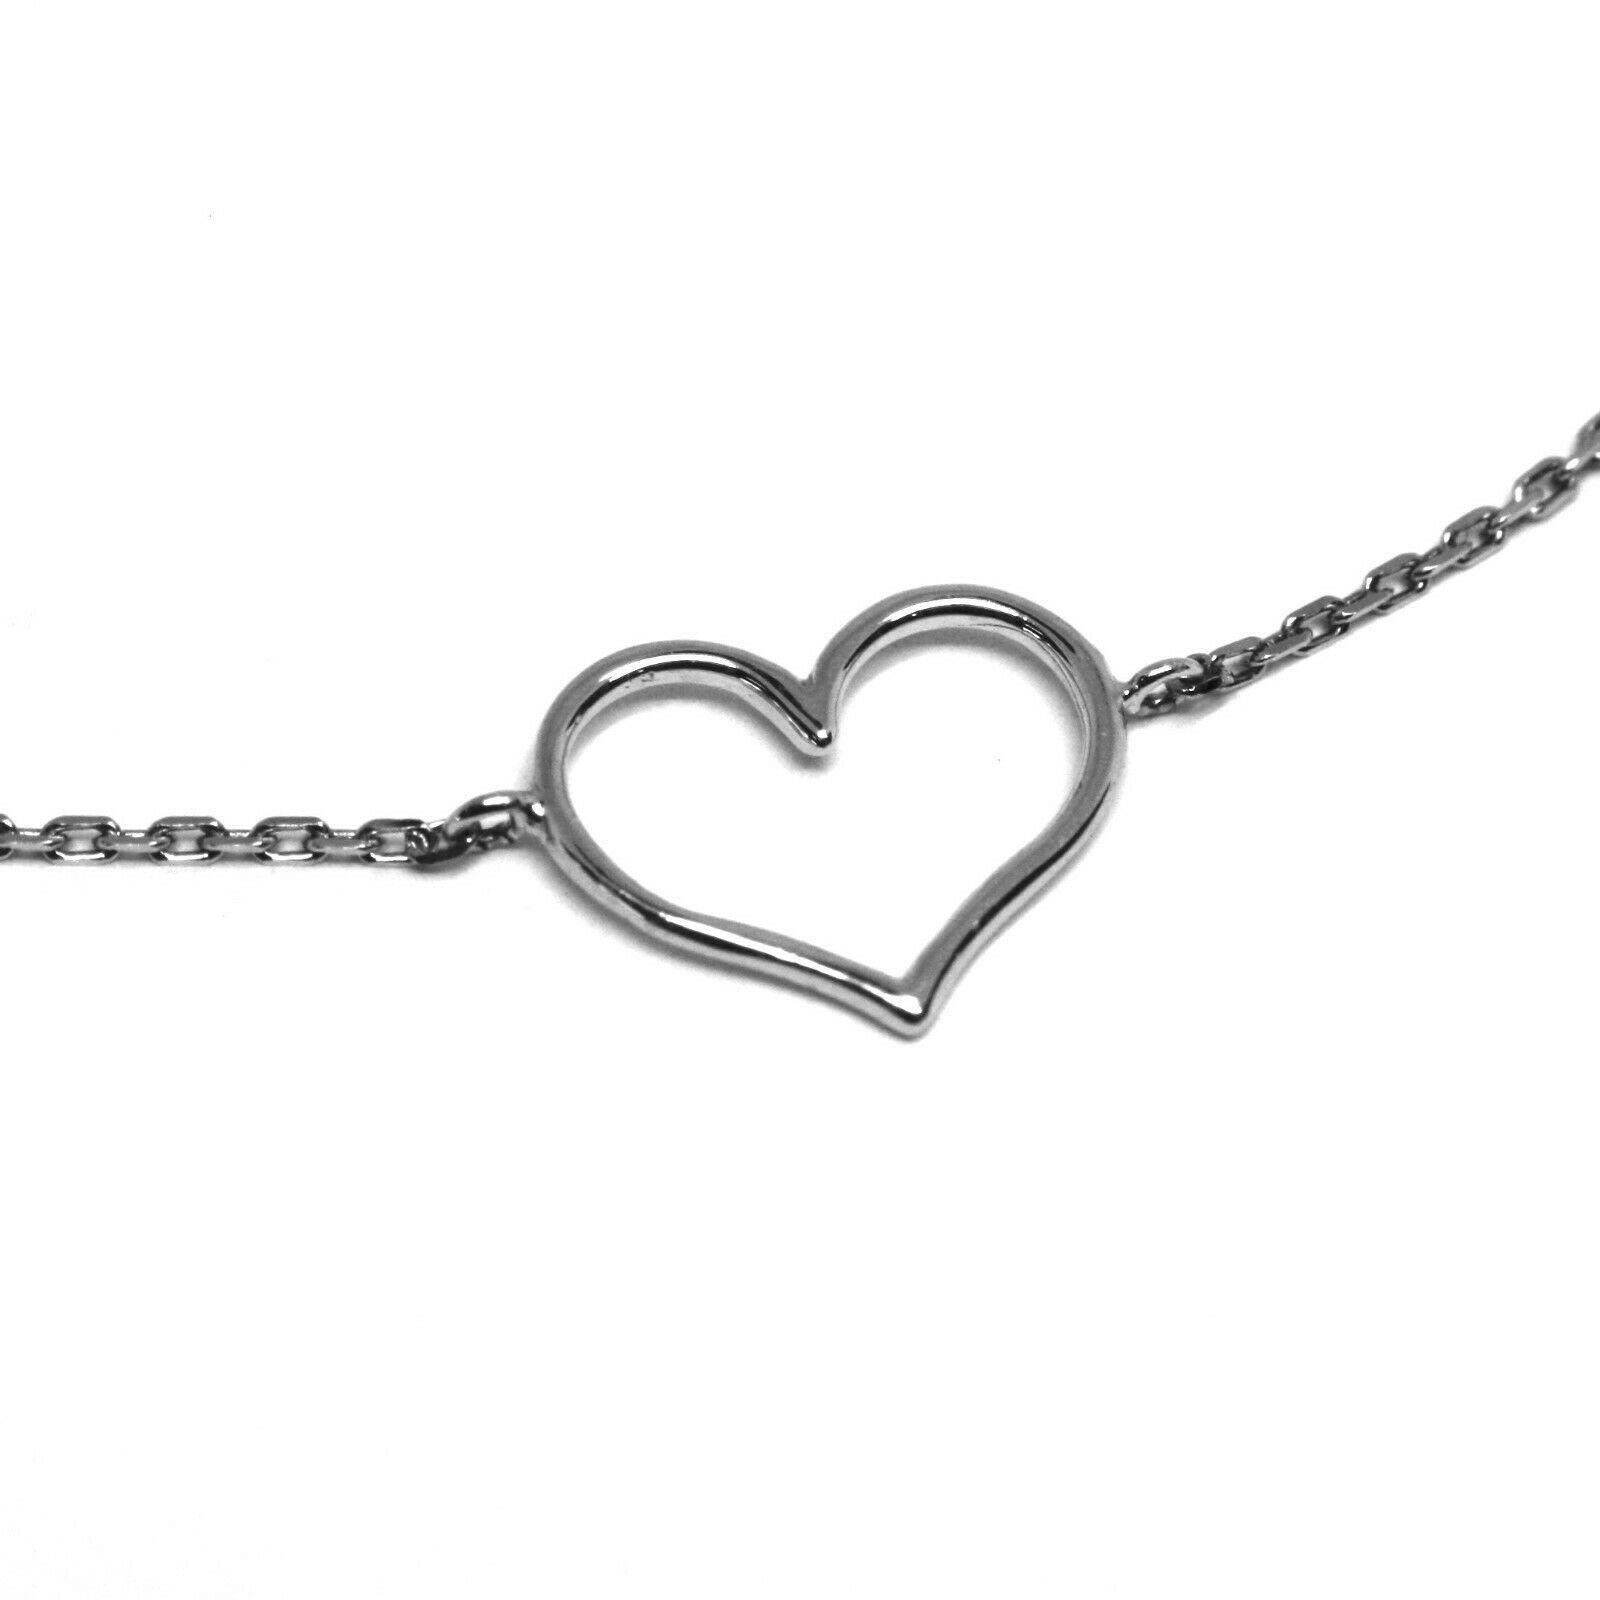 Armband Weißgold 18k 750, Herz Zentrale Perforiert, Länge 16-18 Cm